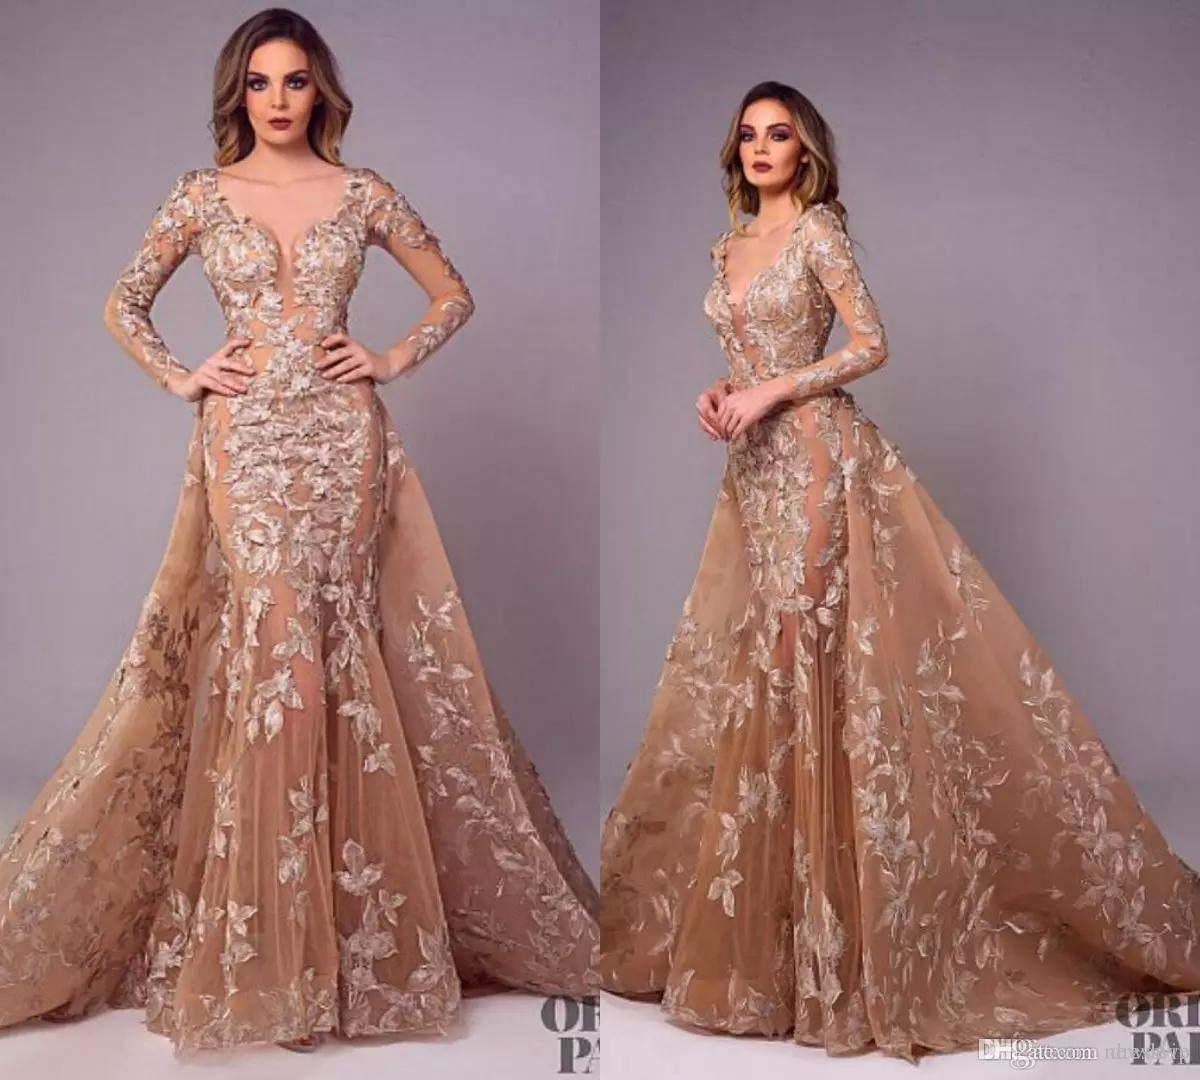 Designer Genial Abendkleider Zug StylishDesigner Luxurius Abendkleider Zug Spezialgebiet